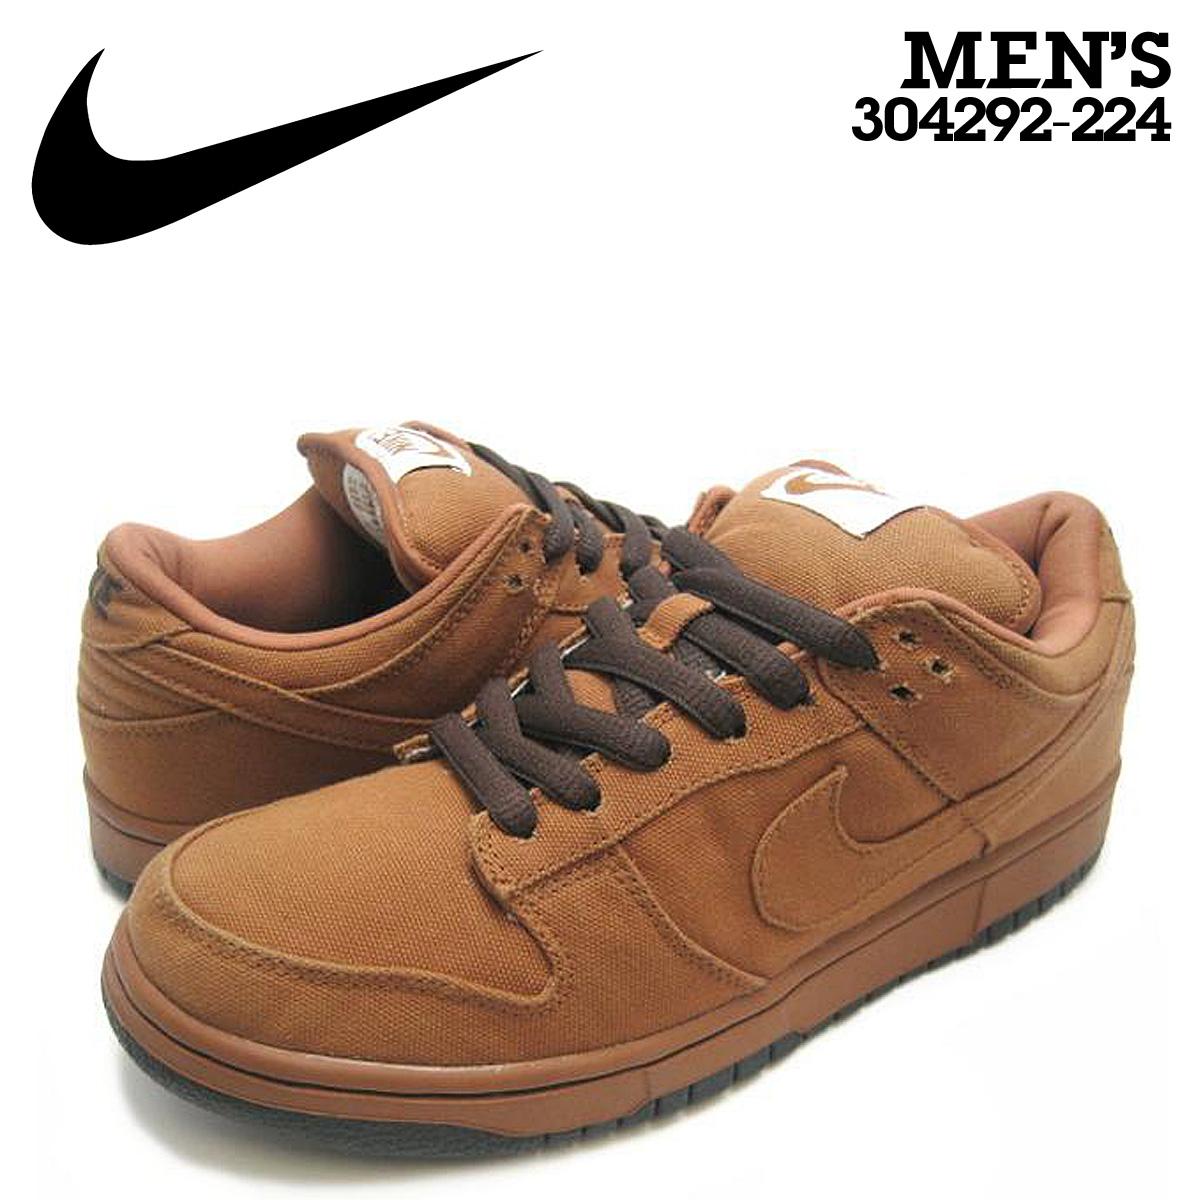 on sale 88130 081ab ALLSPORTS Nike NIKE dunk sneakers DUNK LOW PRO SB CARHARTT dunk low pro S  beaker heart 304,292-224 brown men  Rakuten Global Market